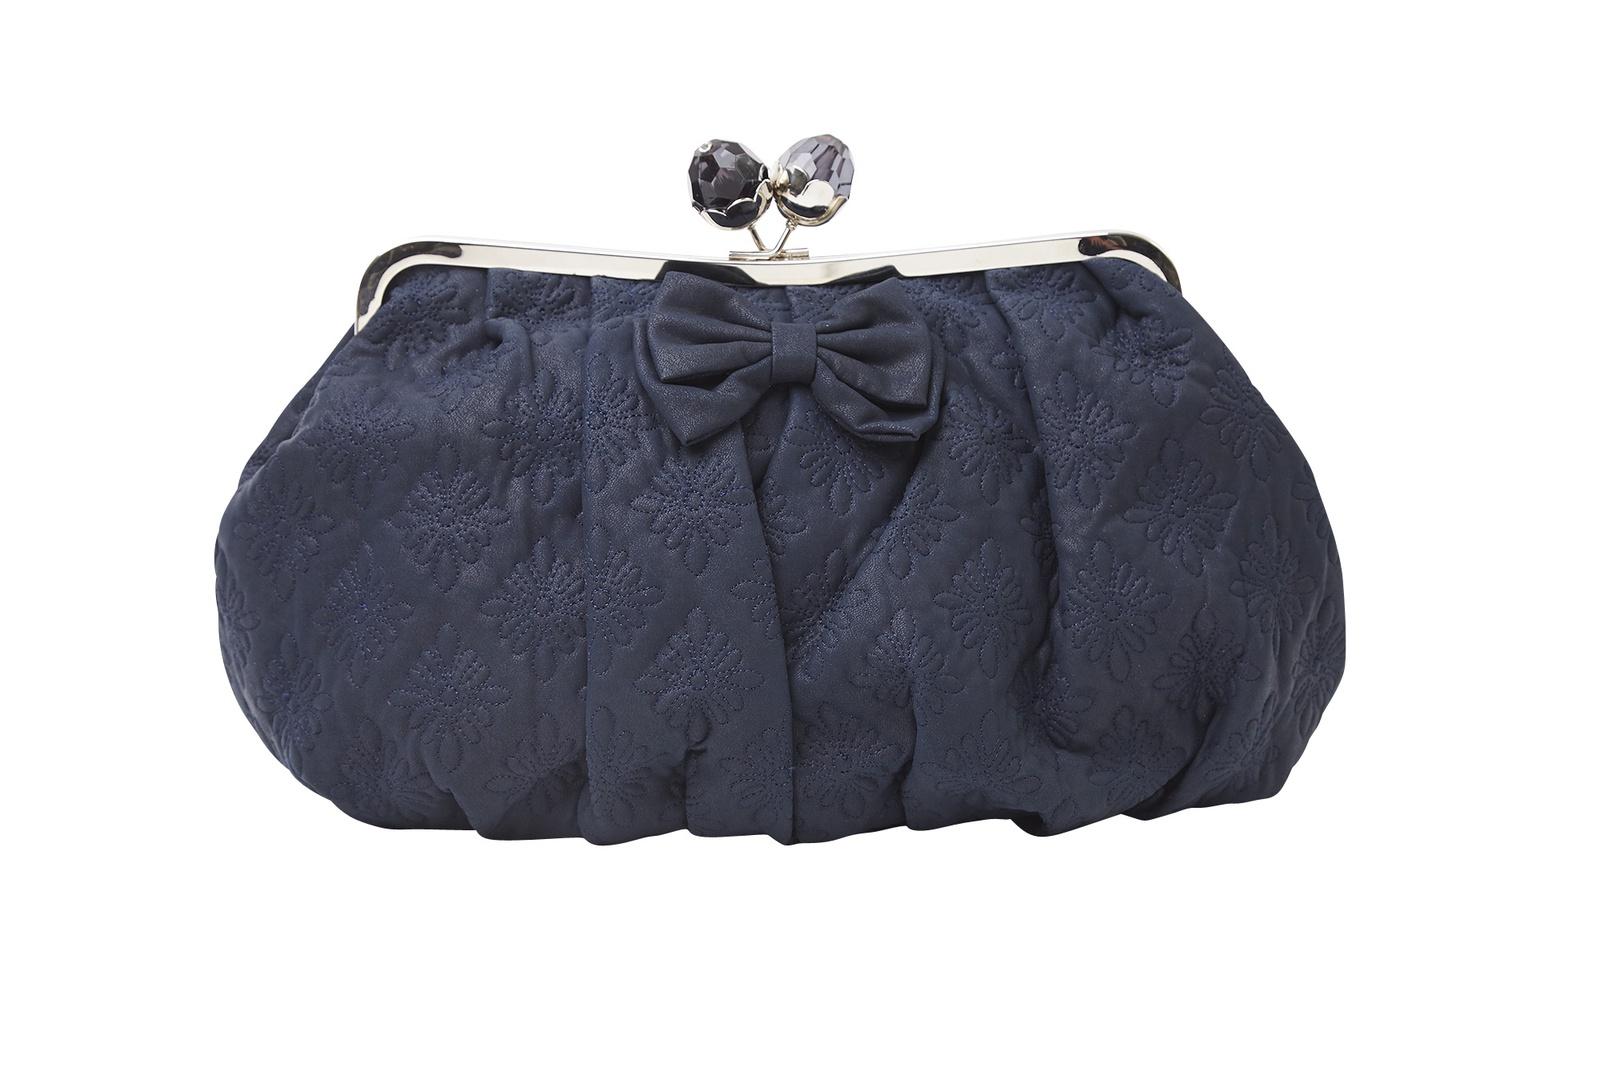 Косметичка женская Molly Marais, цвет: темно-синий. BA610005 юбка zarina цвет темно синий 8122214207047 размер 44